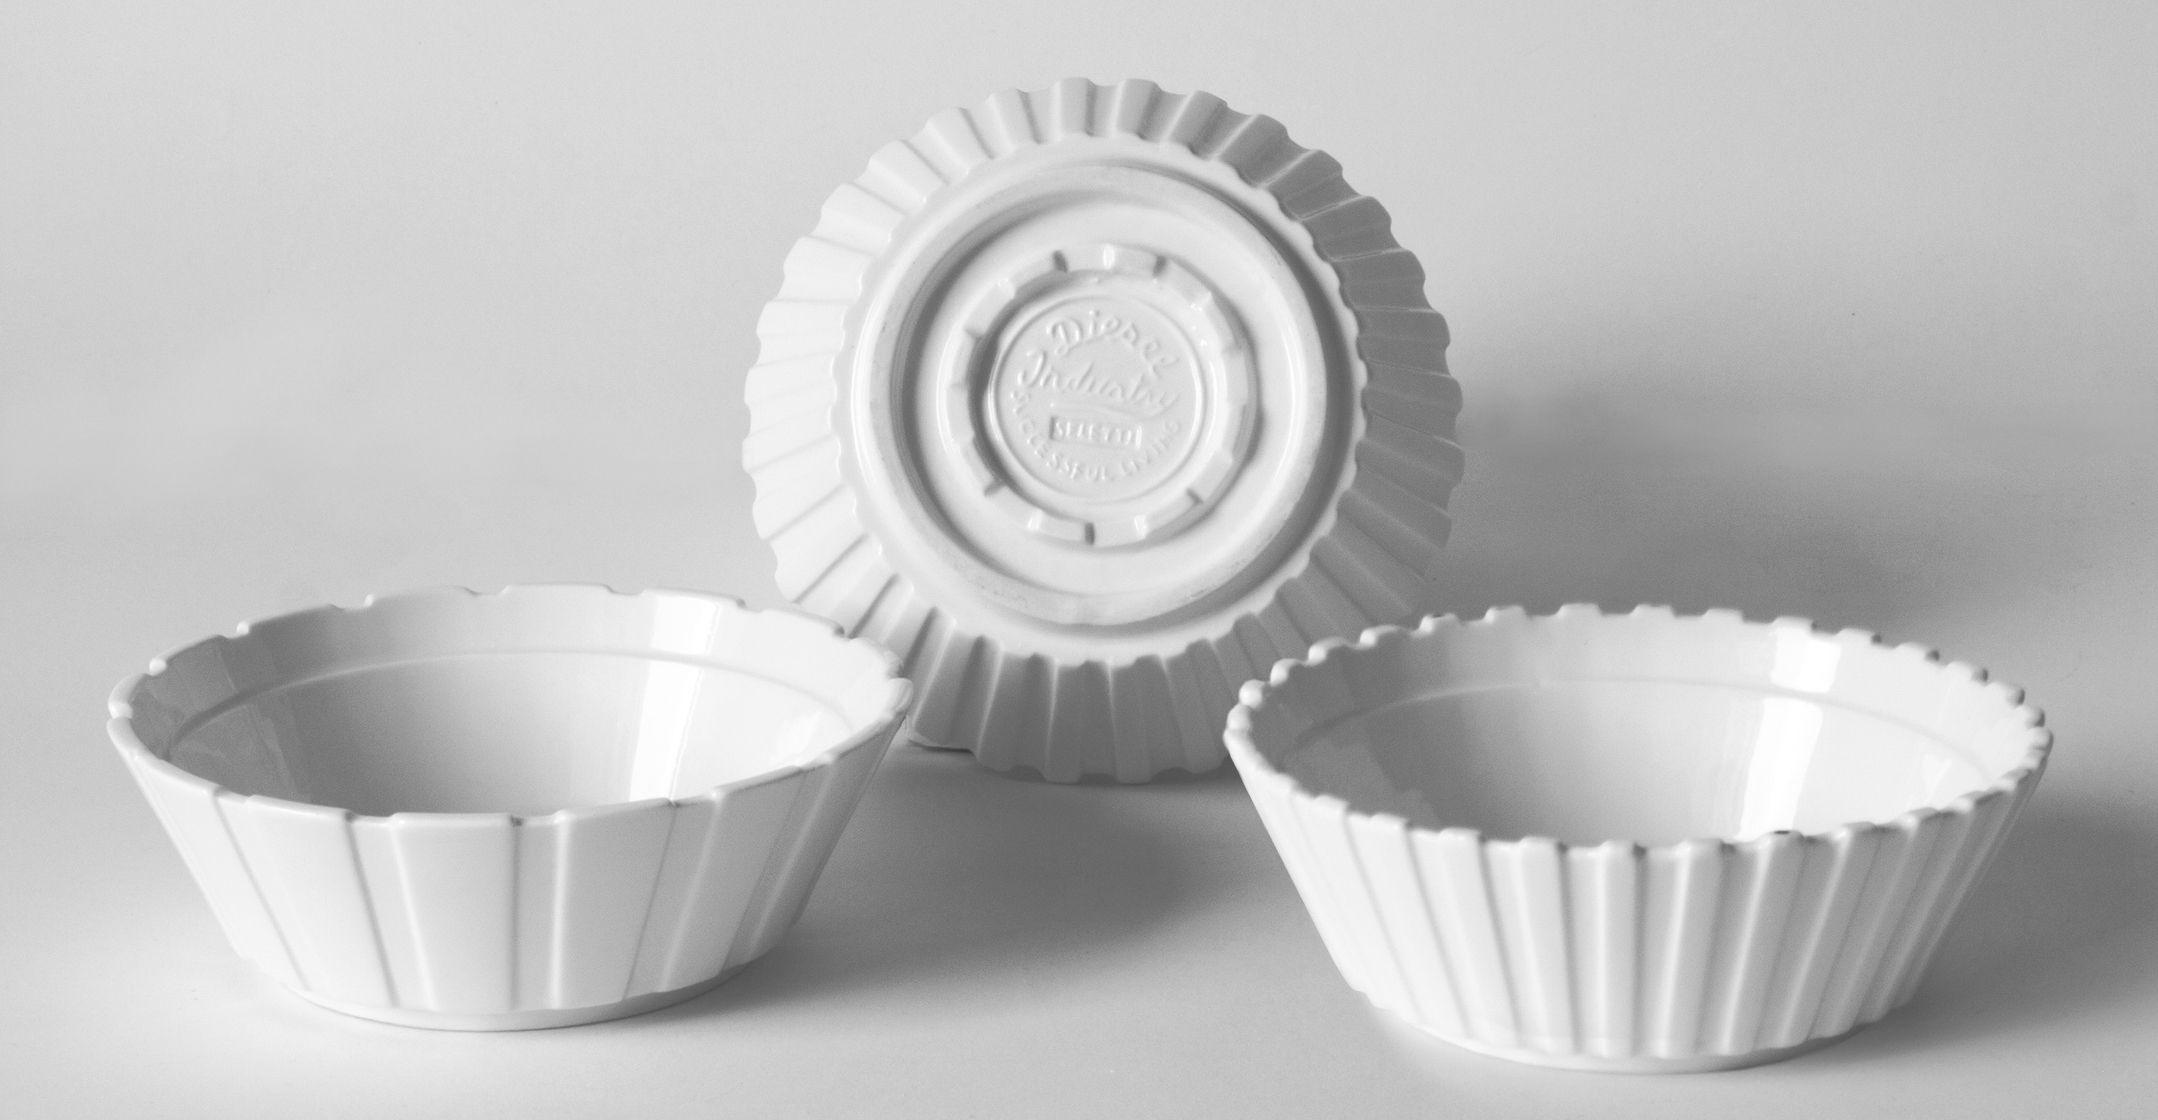 Tavola - Ciotole - Ciotola Machine Collection - / Ø 16,3 cm - Set da 3 di Diesel living with Seletti - Bianco - Porcellana